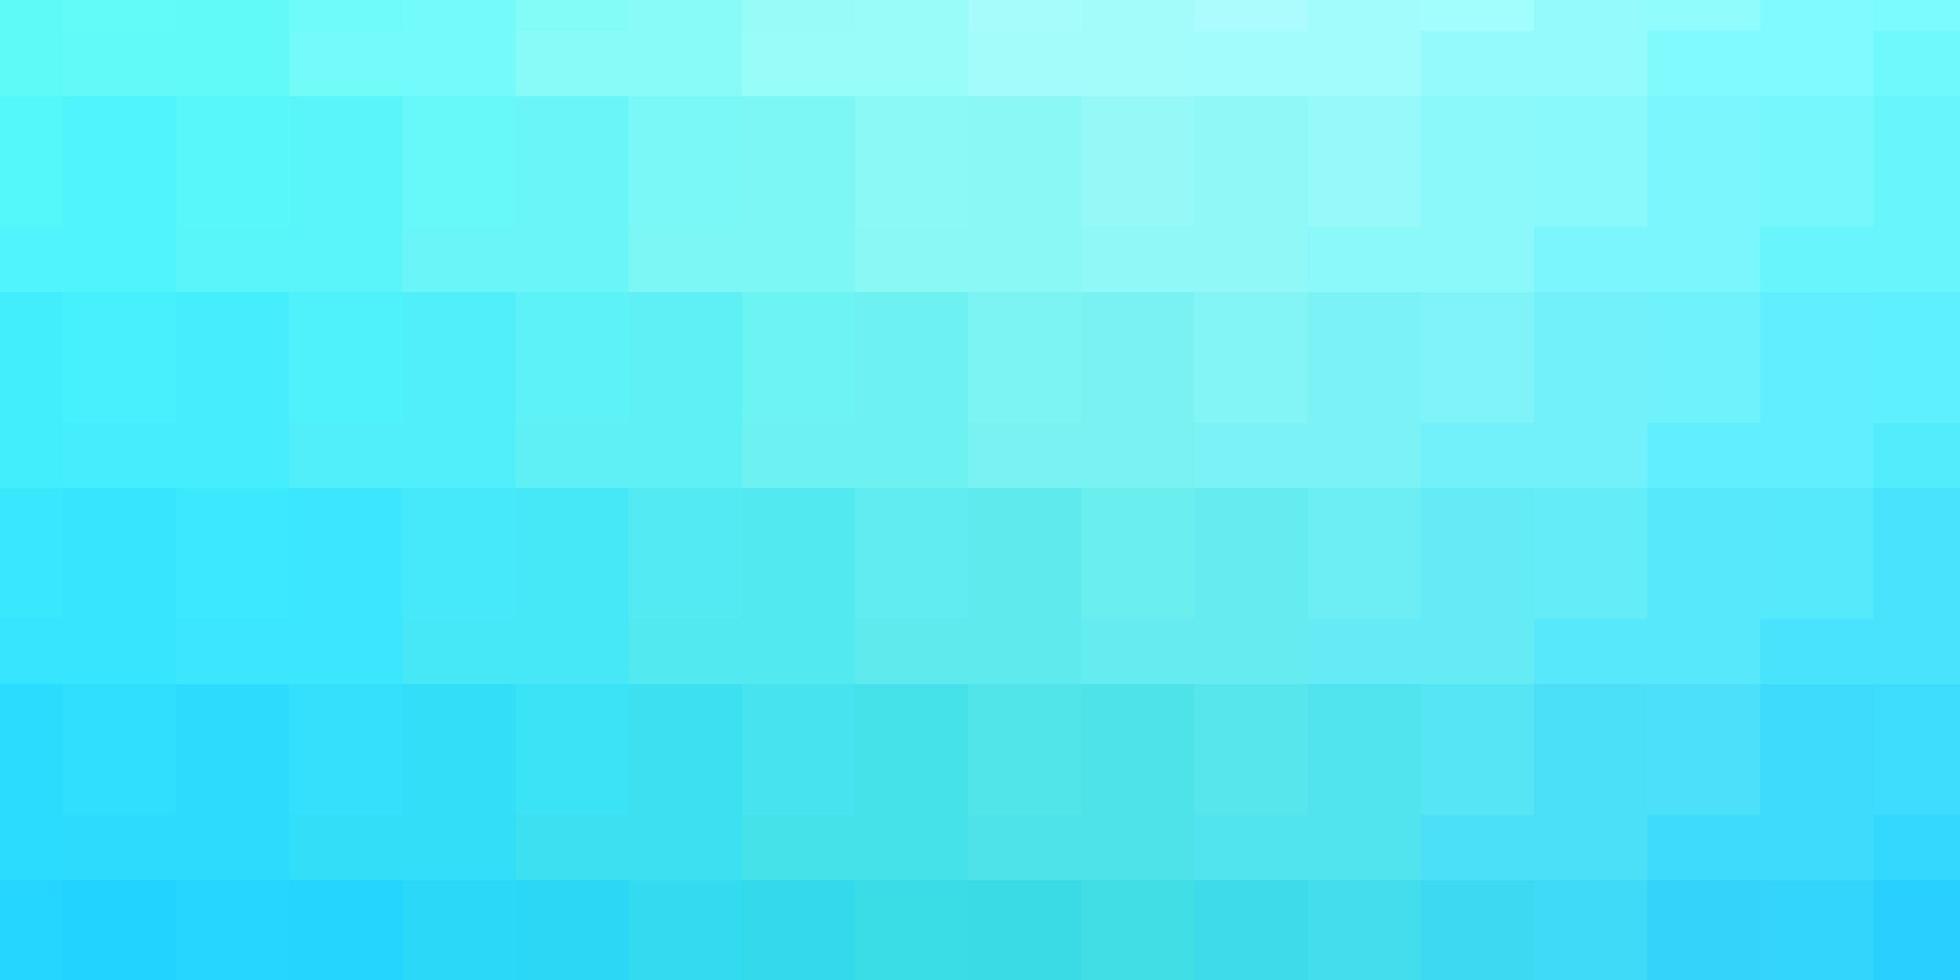 ljusblå mall med rektanglar. vektor